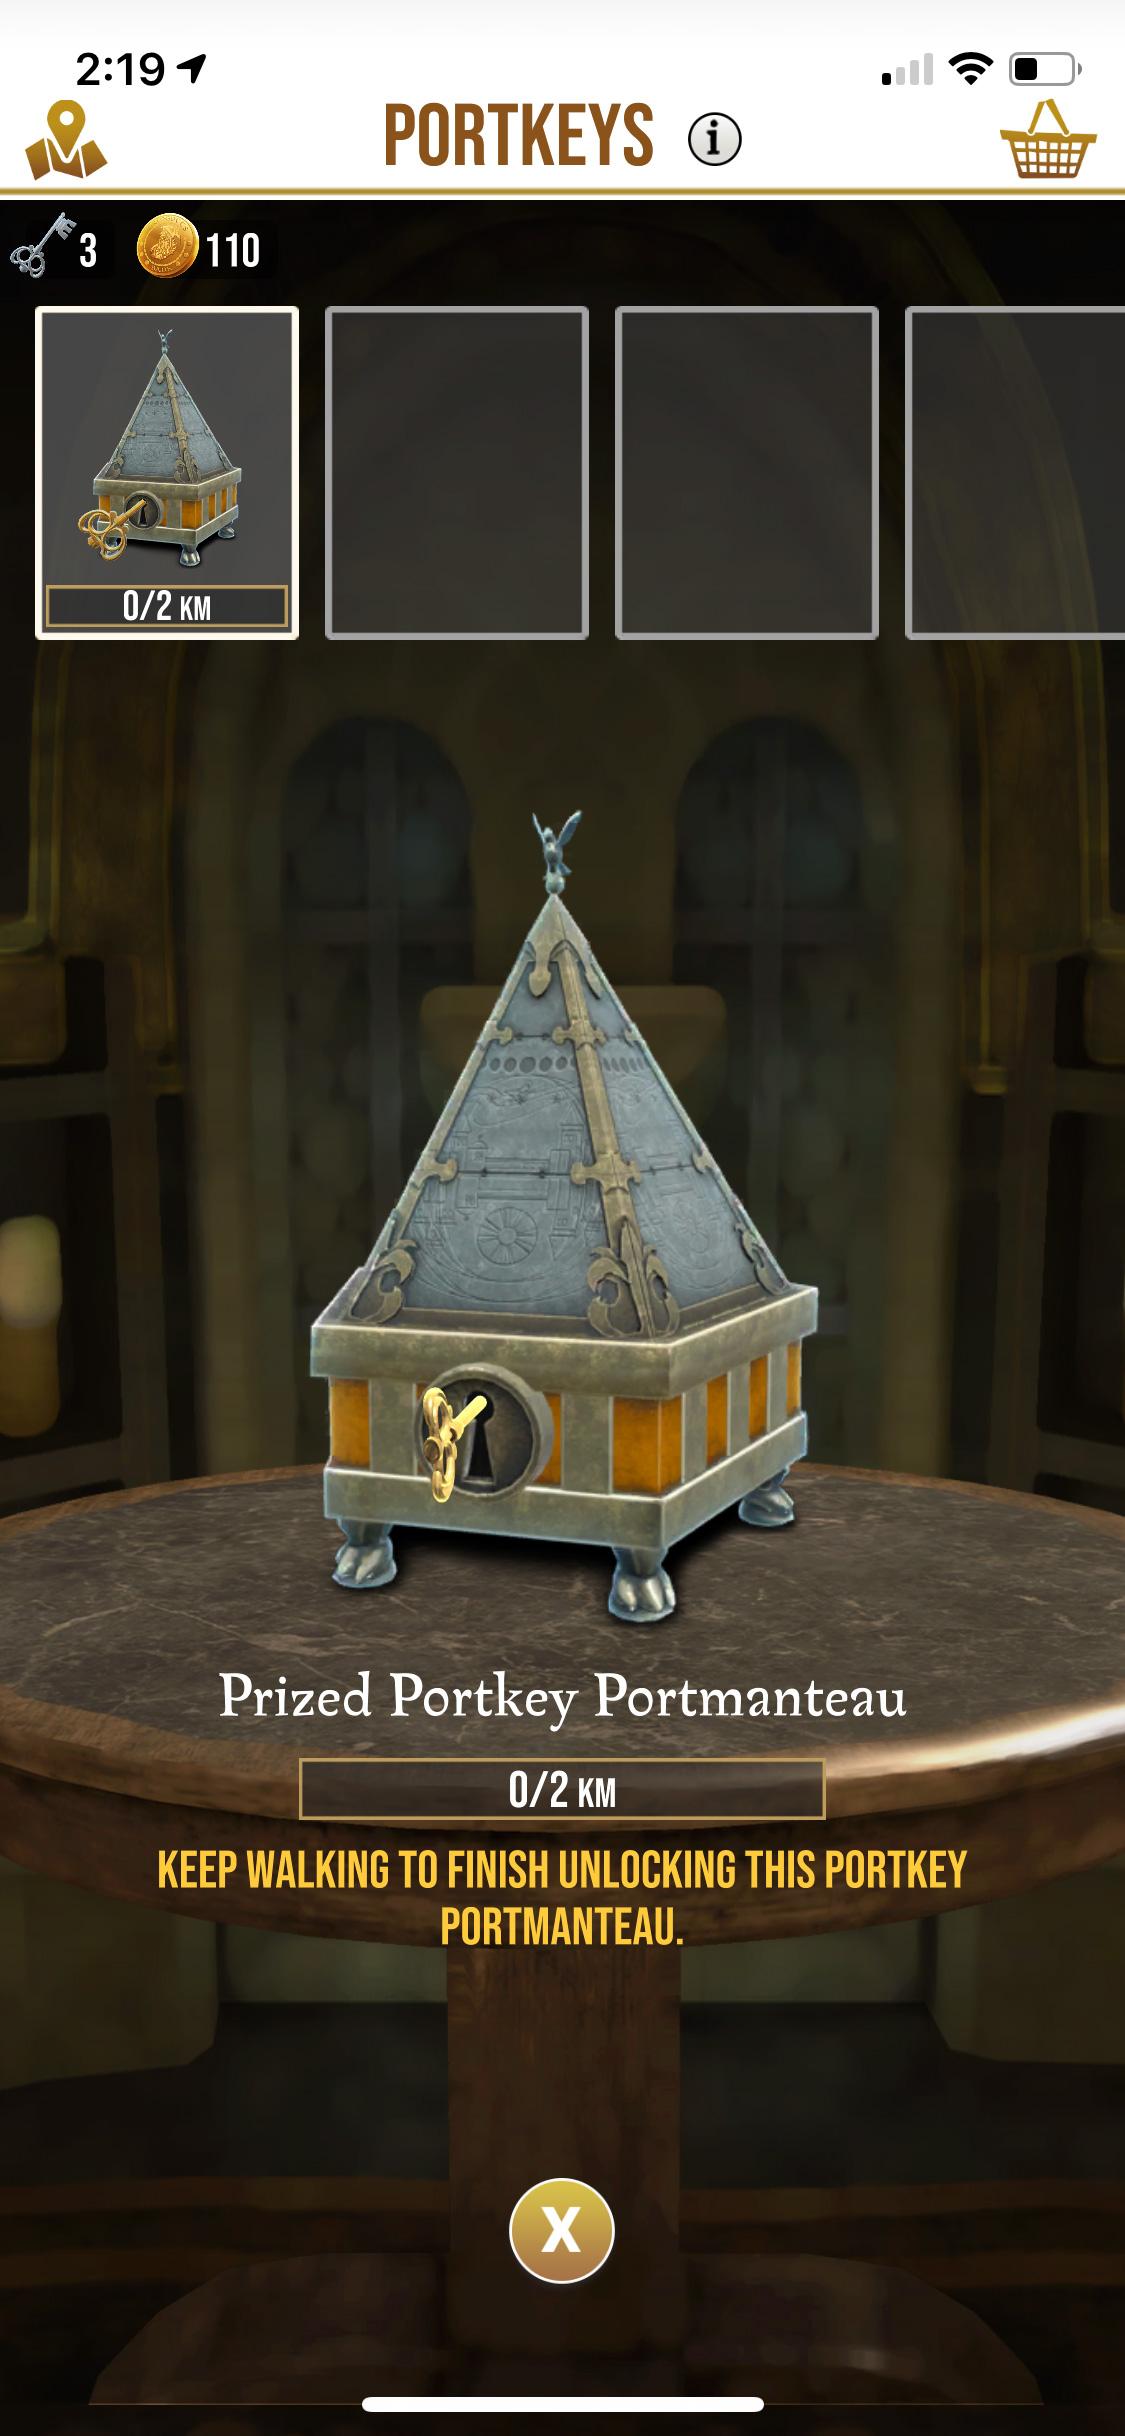 Portkey Portmanteau (Wizards Unite)